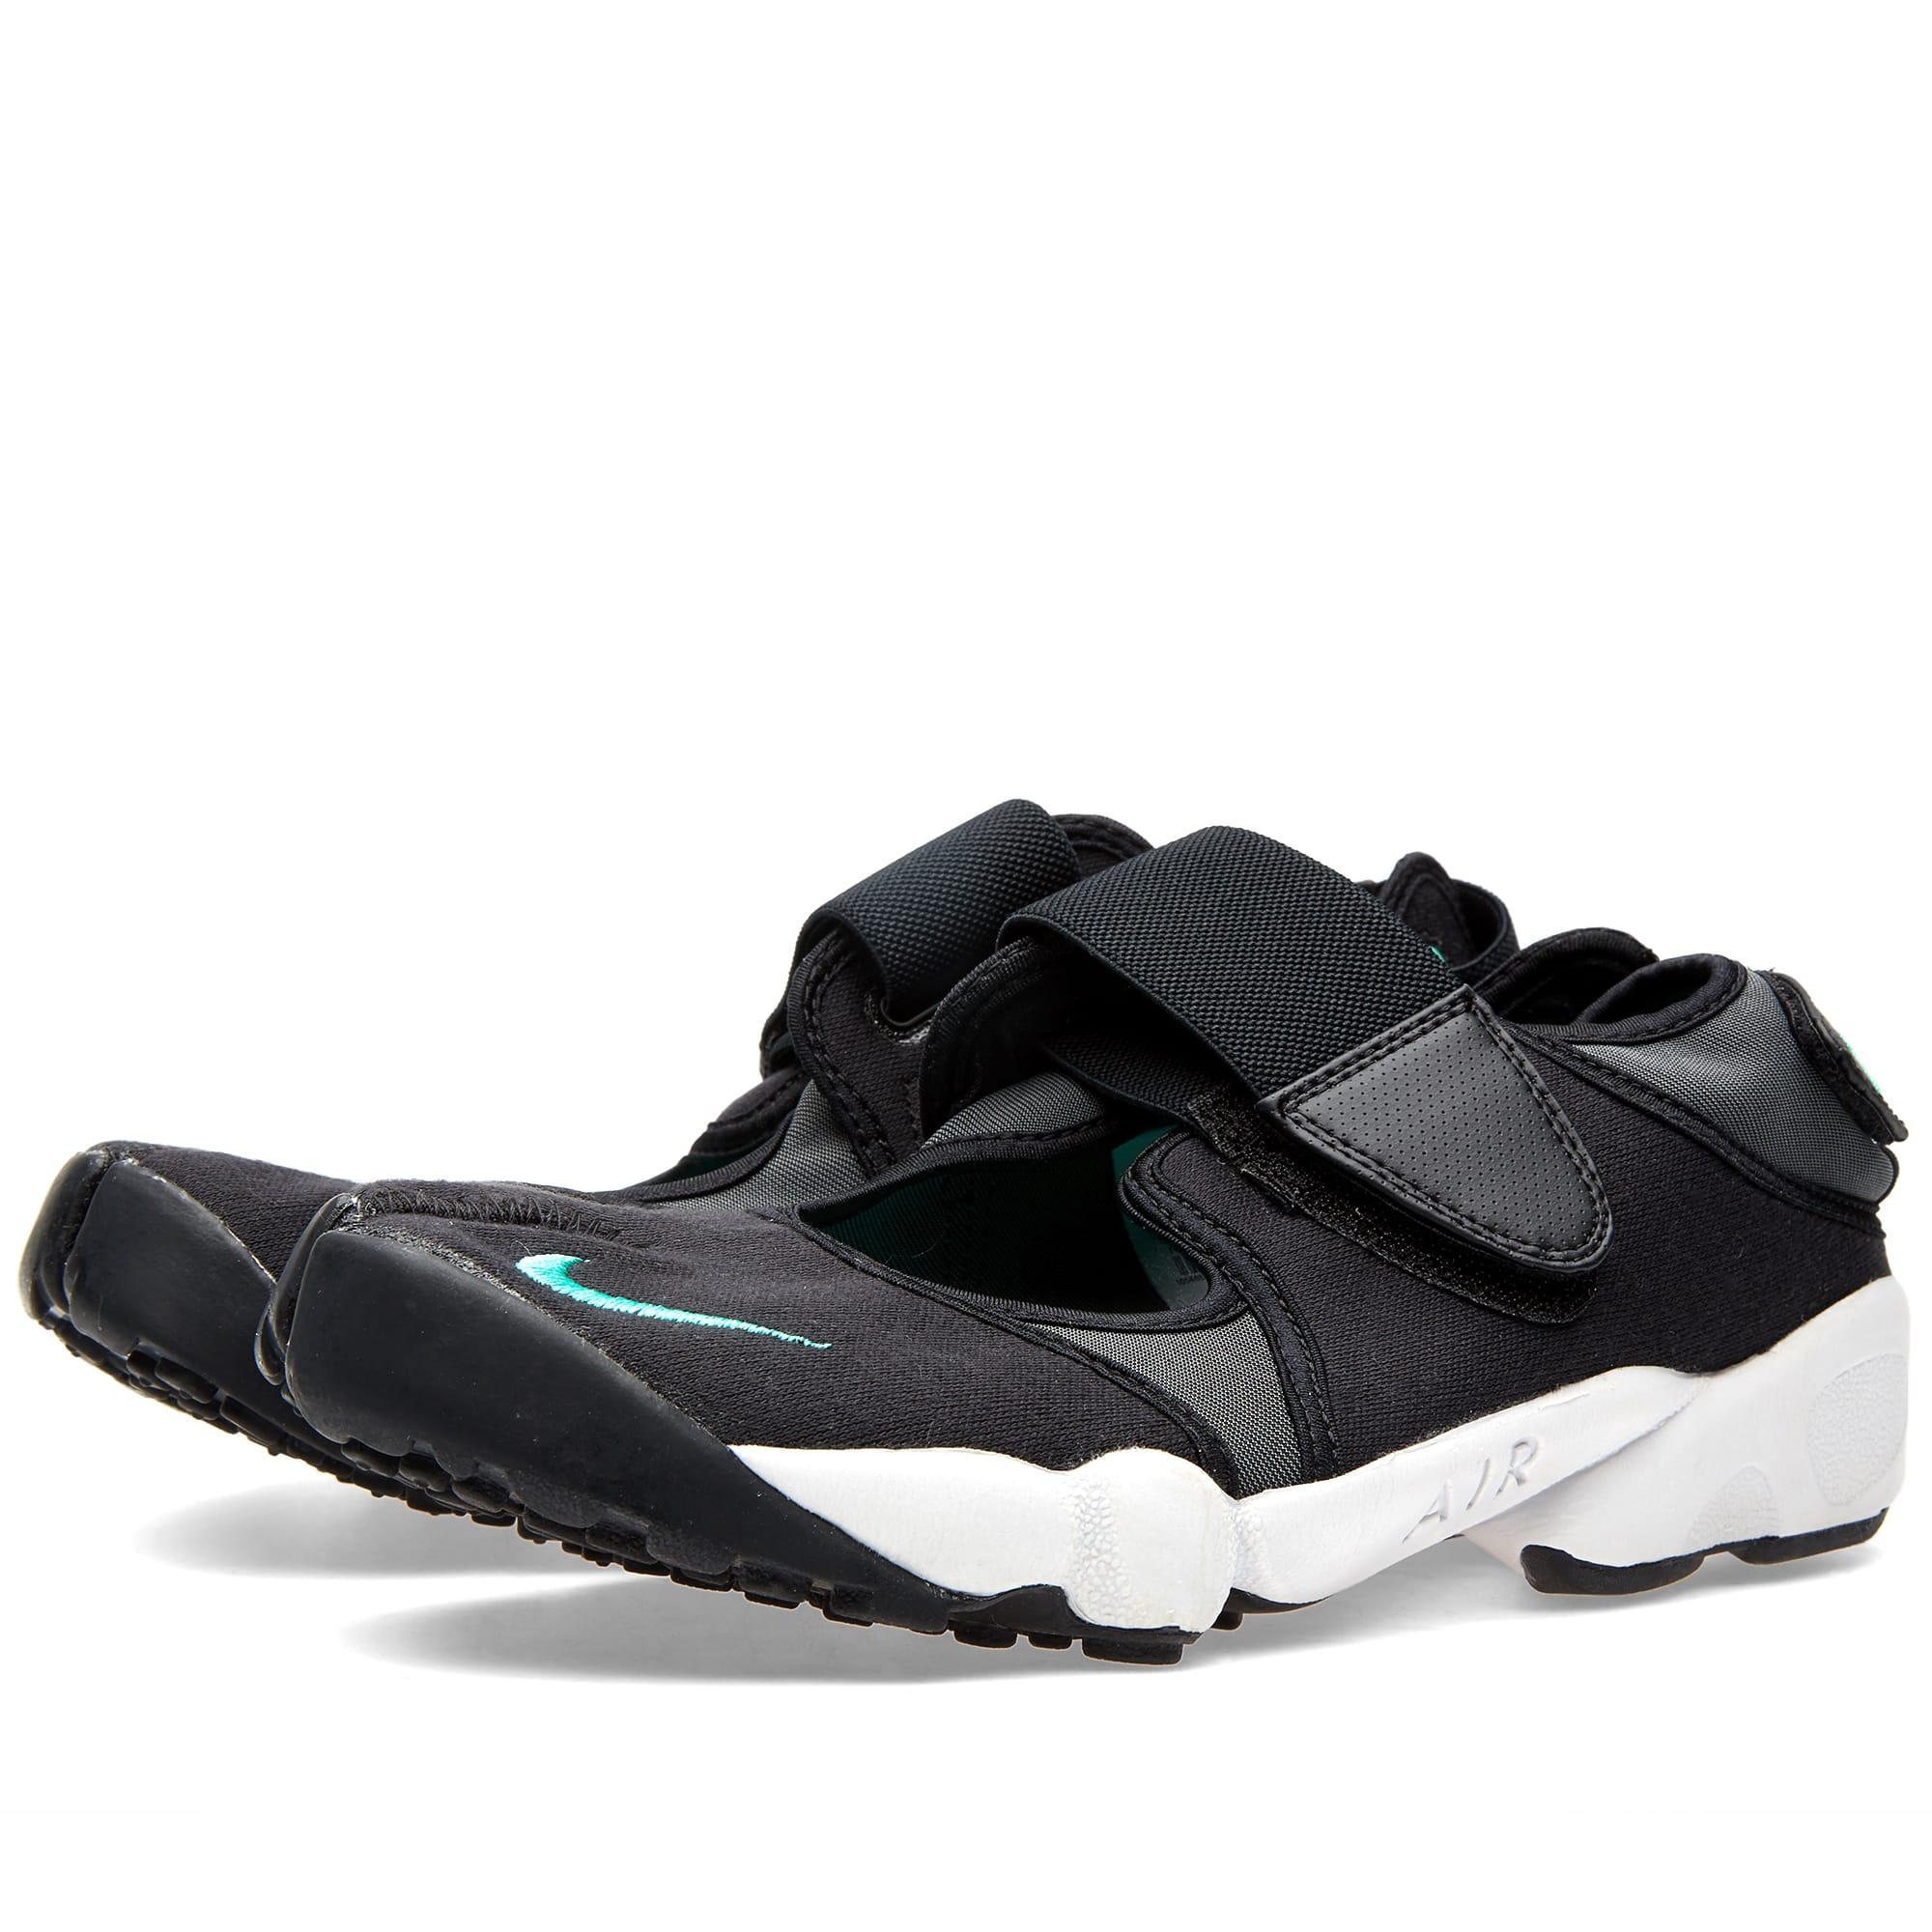 b9da4151a7a9 Nike Air Rift Black